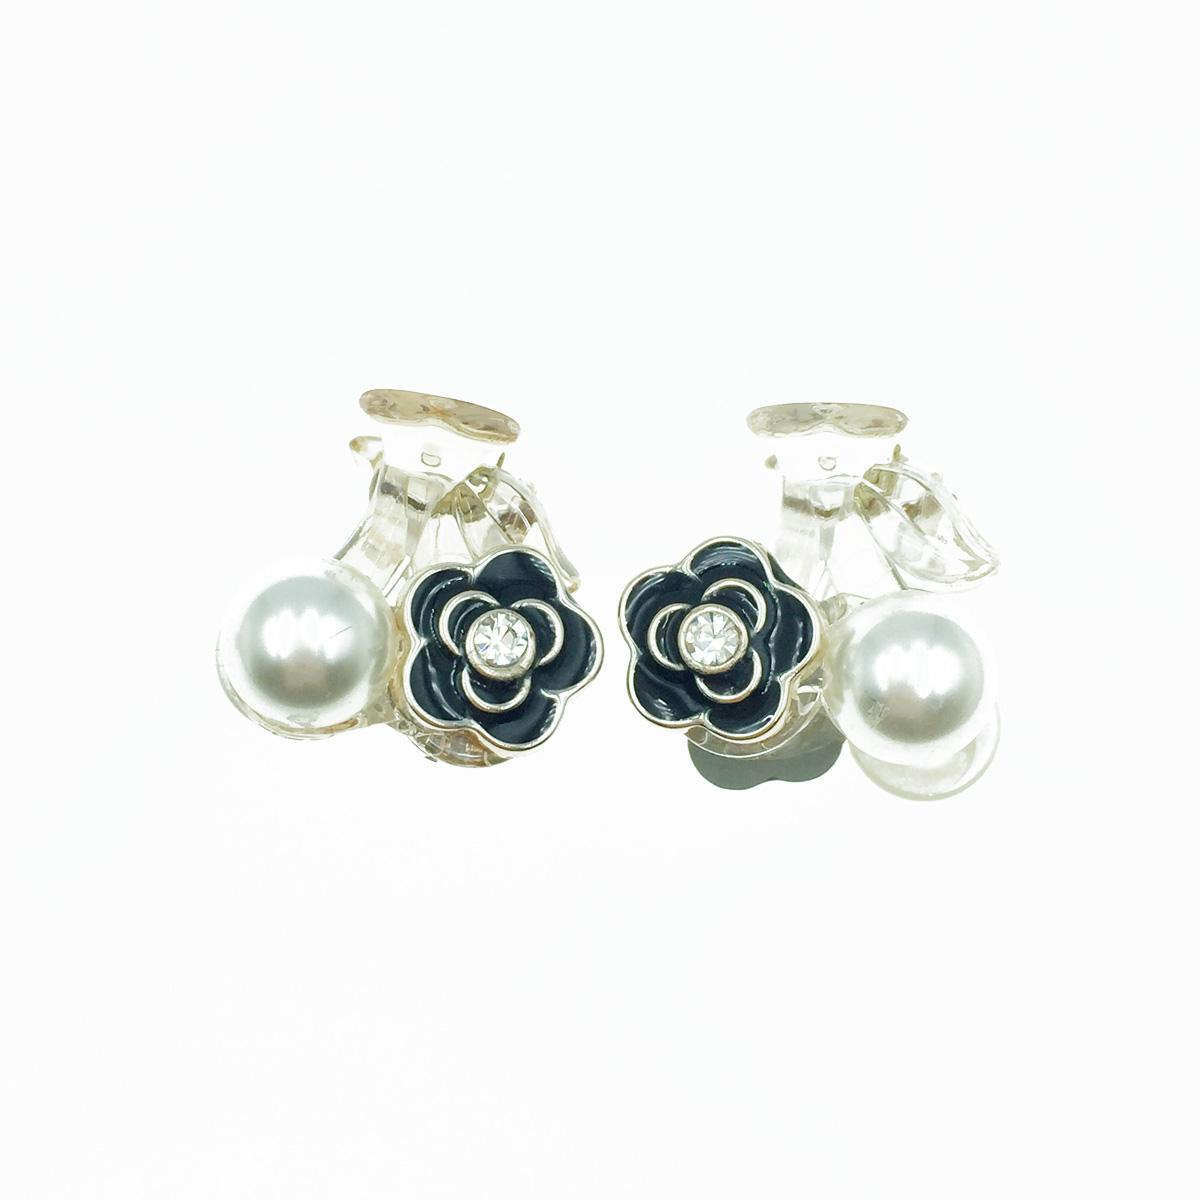 韓國 山茶花 小香風 珍珠 水鑽 透明感 兩入組 髮飾 瀏海夾 小爪夾 髮夾